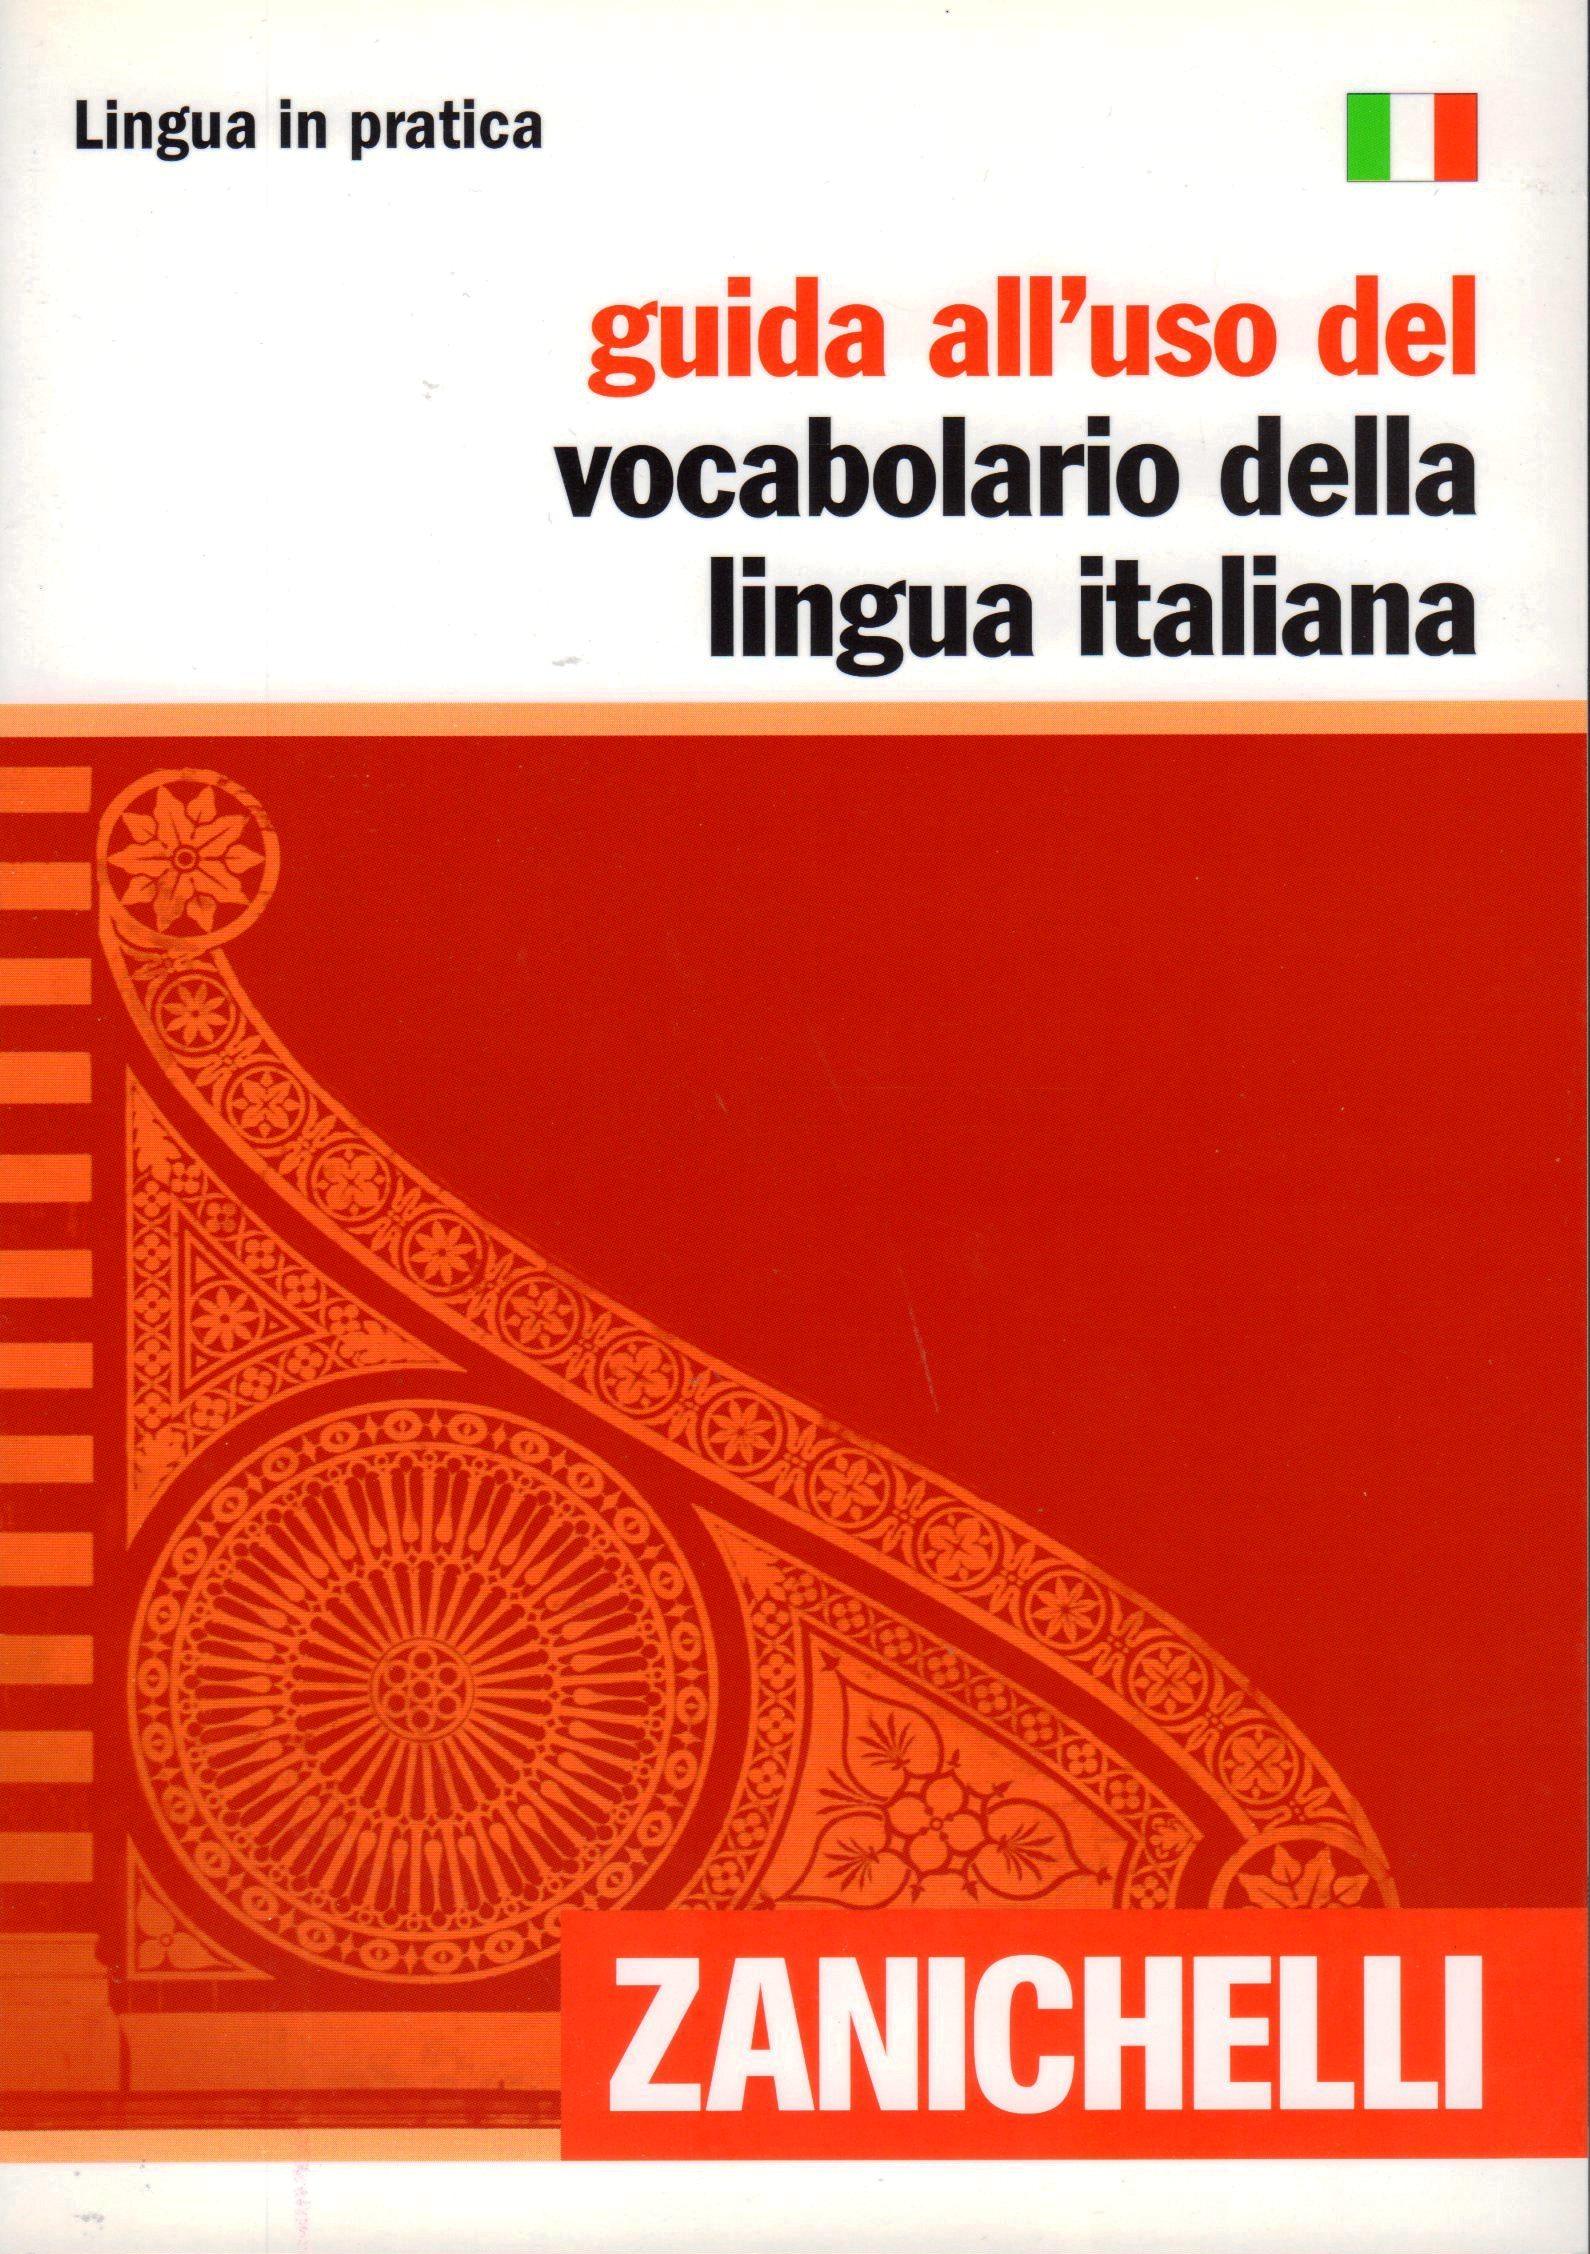 Guida all'uso del vocabolario della lingua italiana